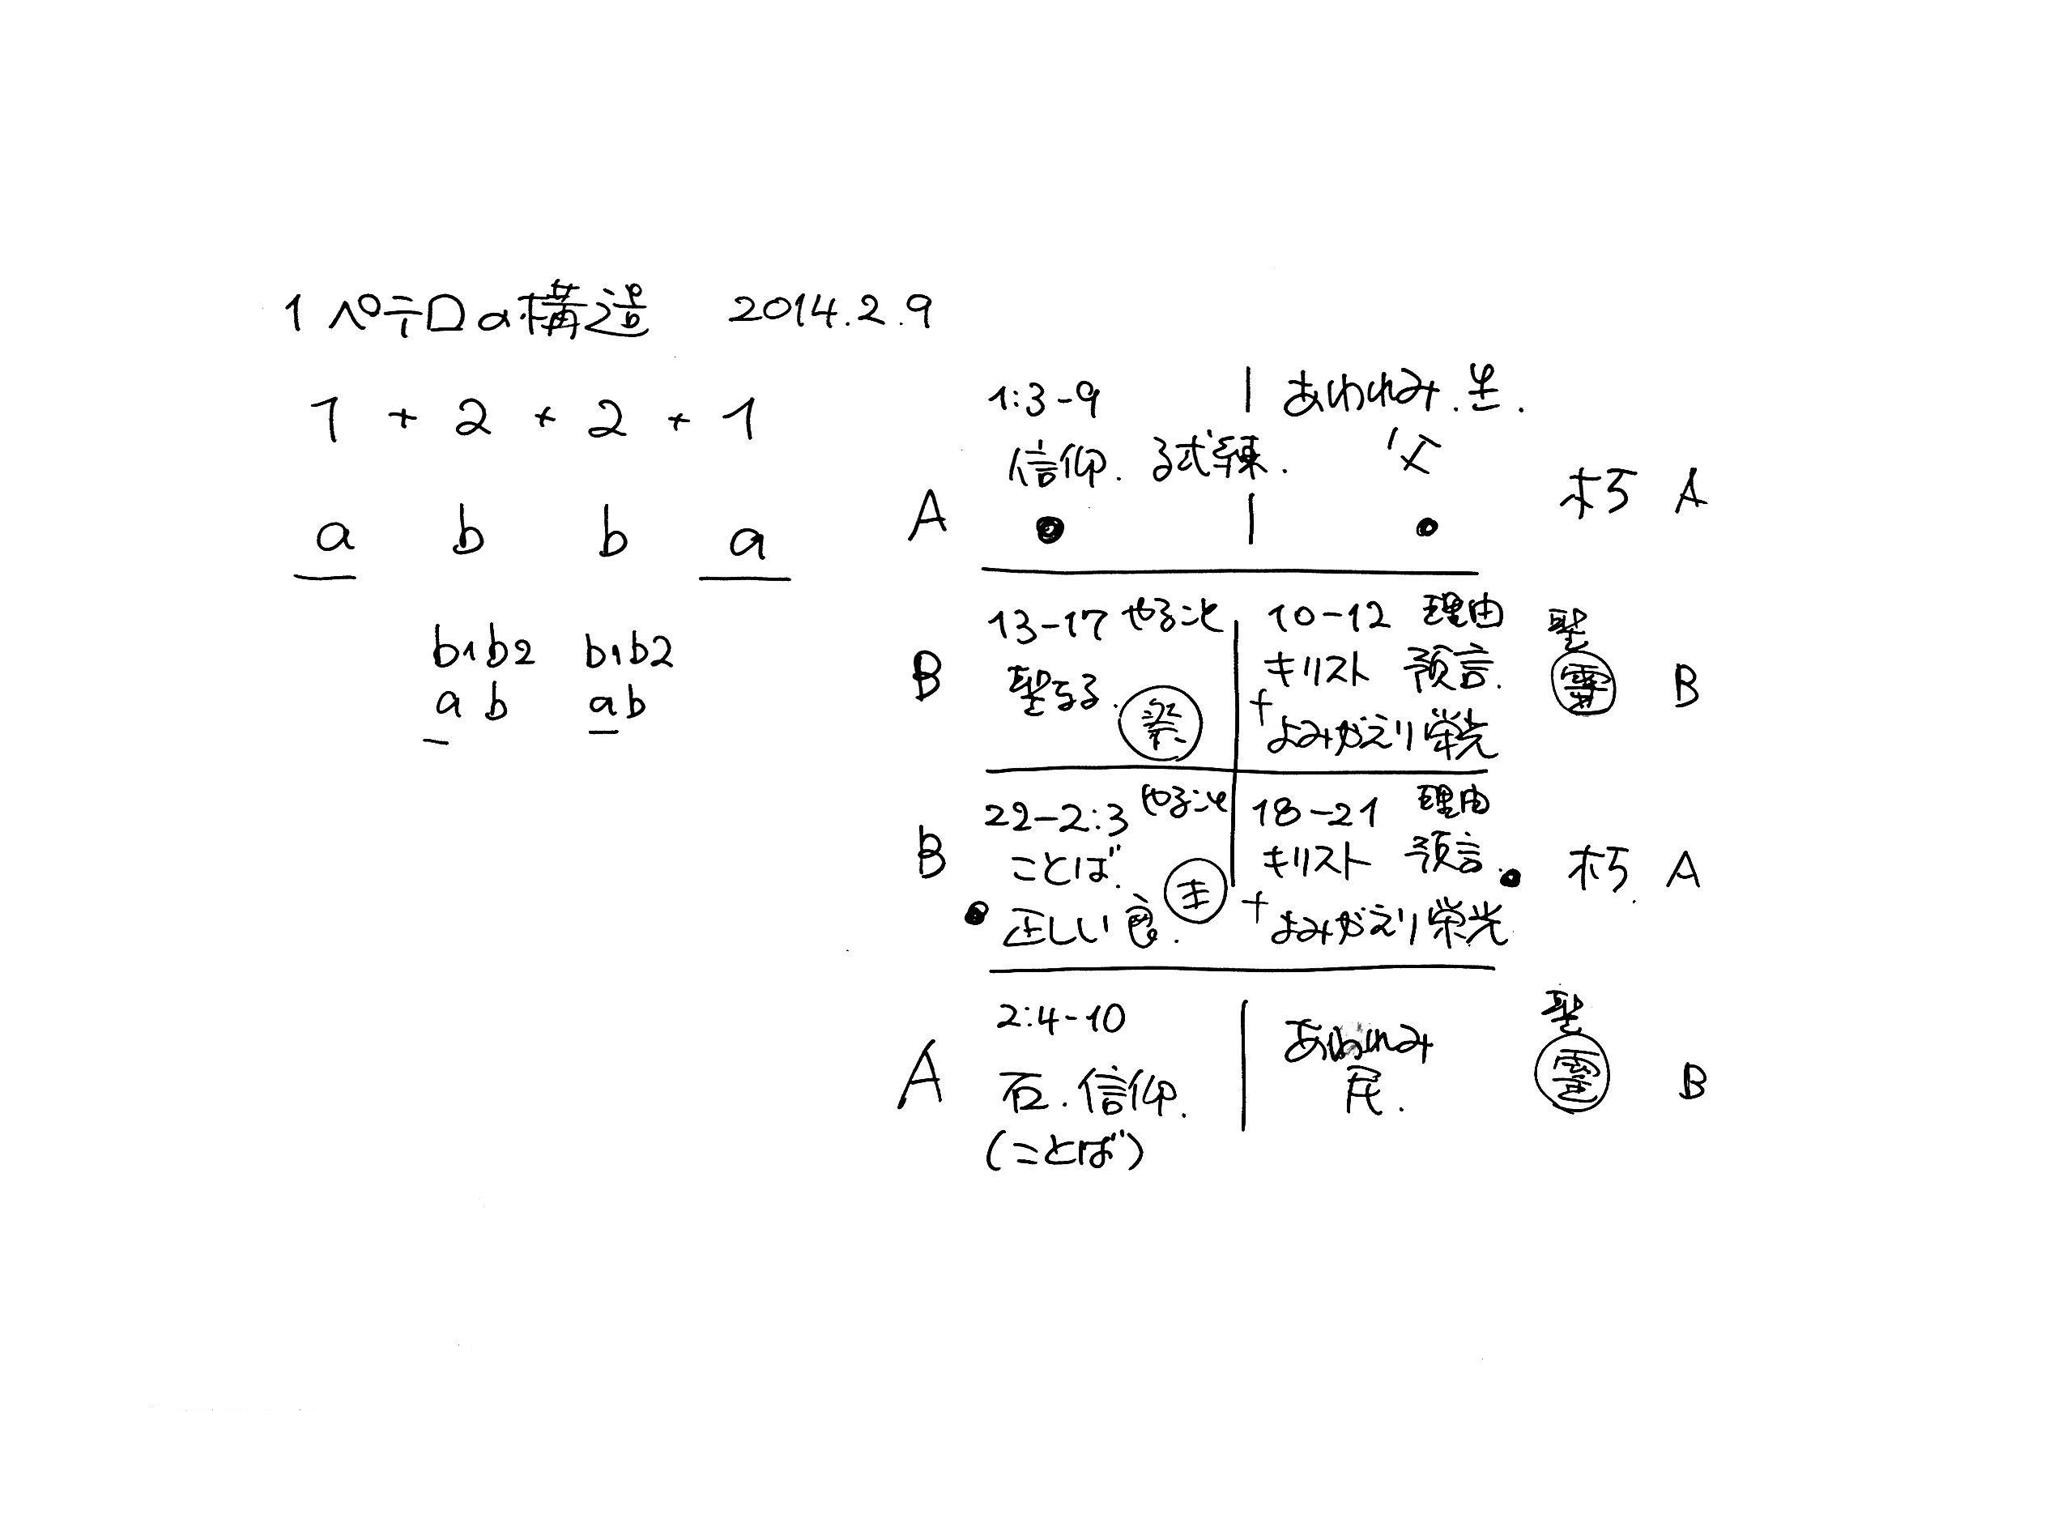 ペテロの手紙1 1-5章の構造分析 ...